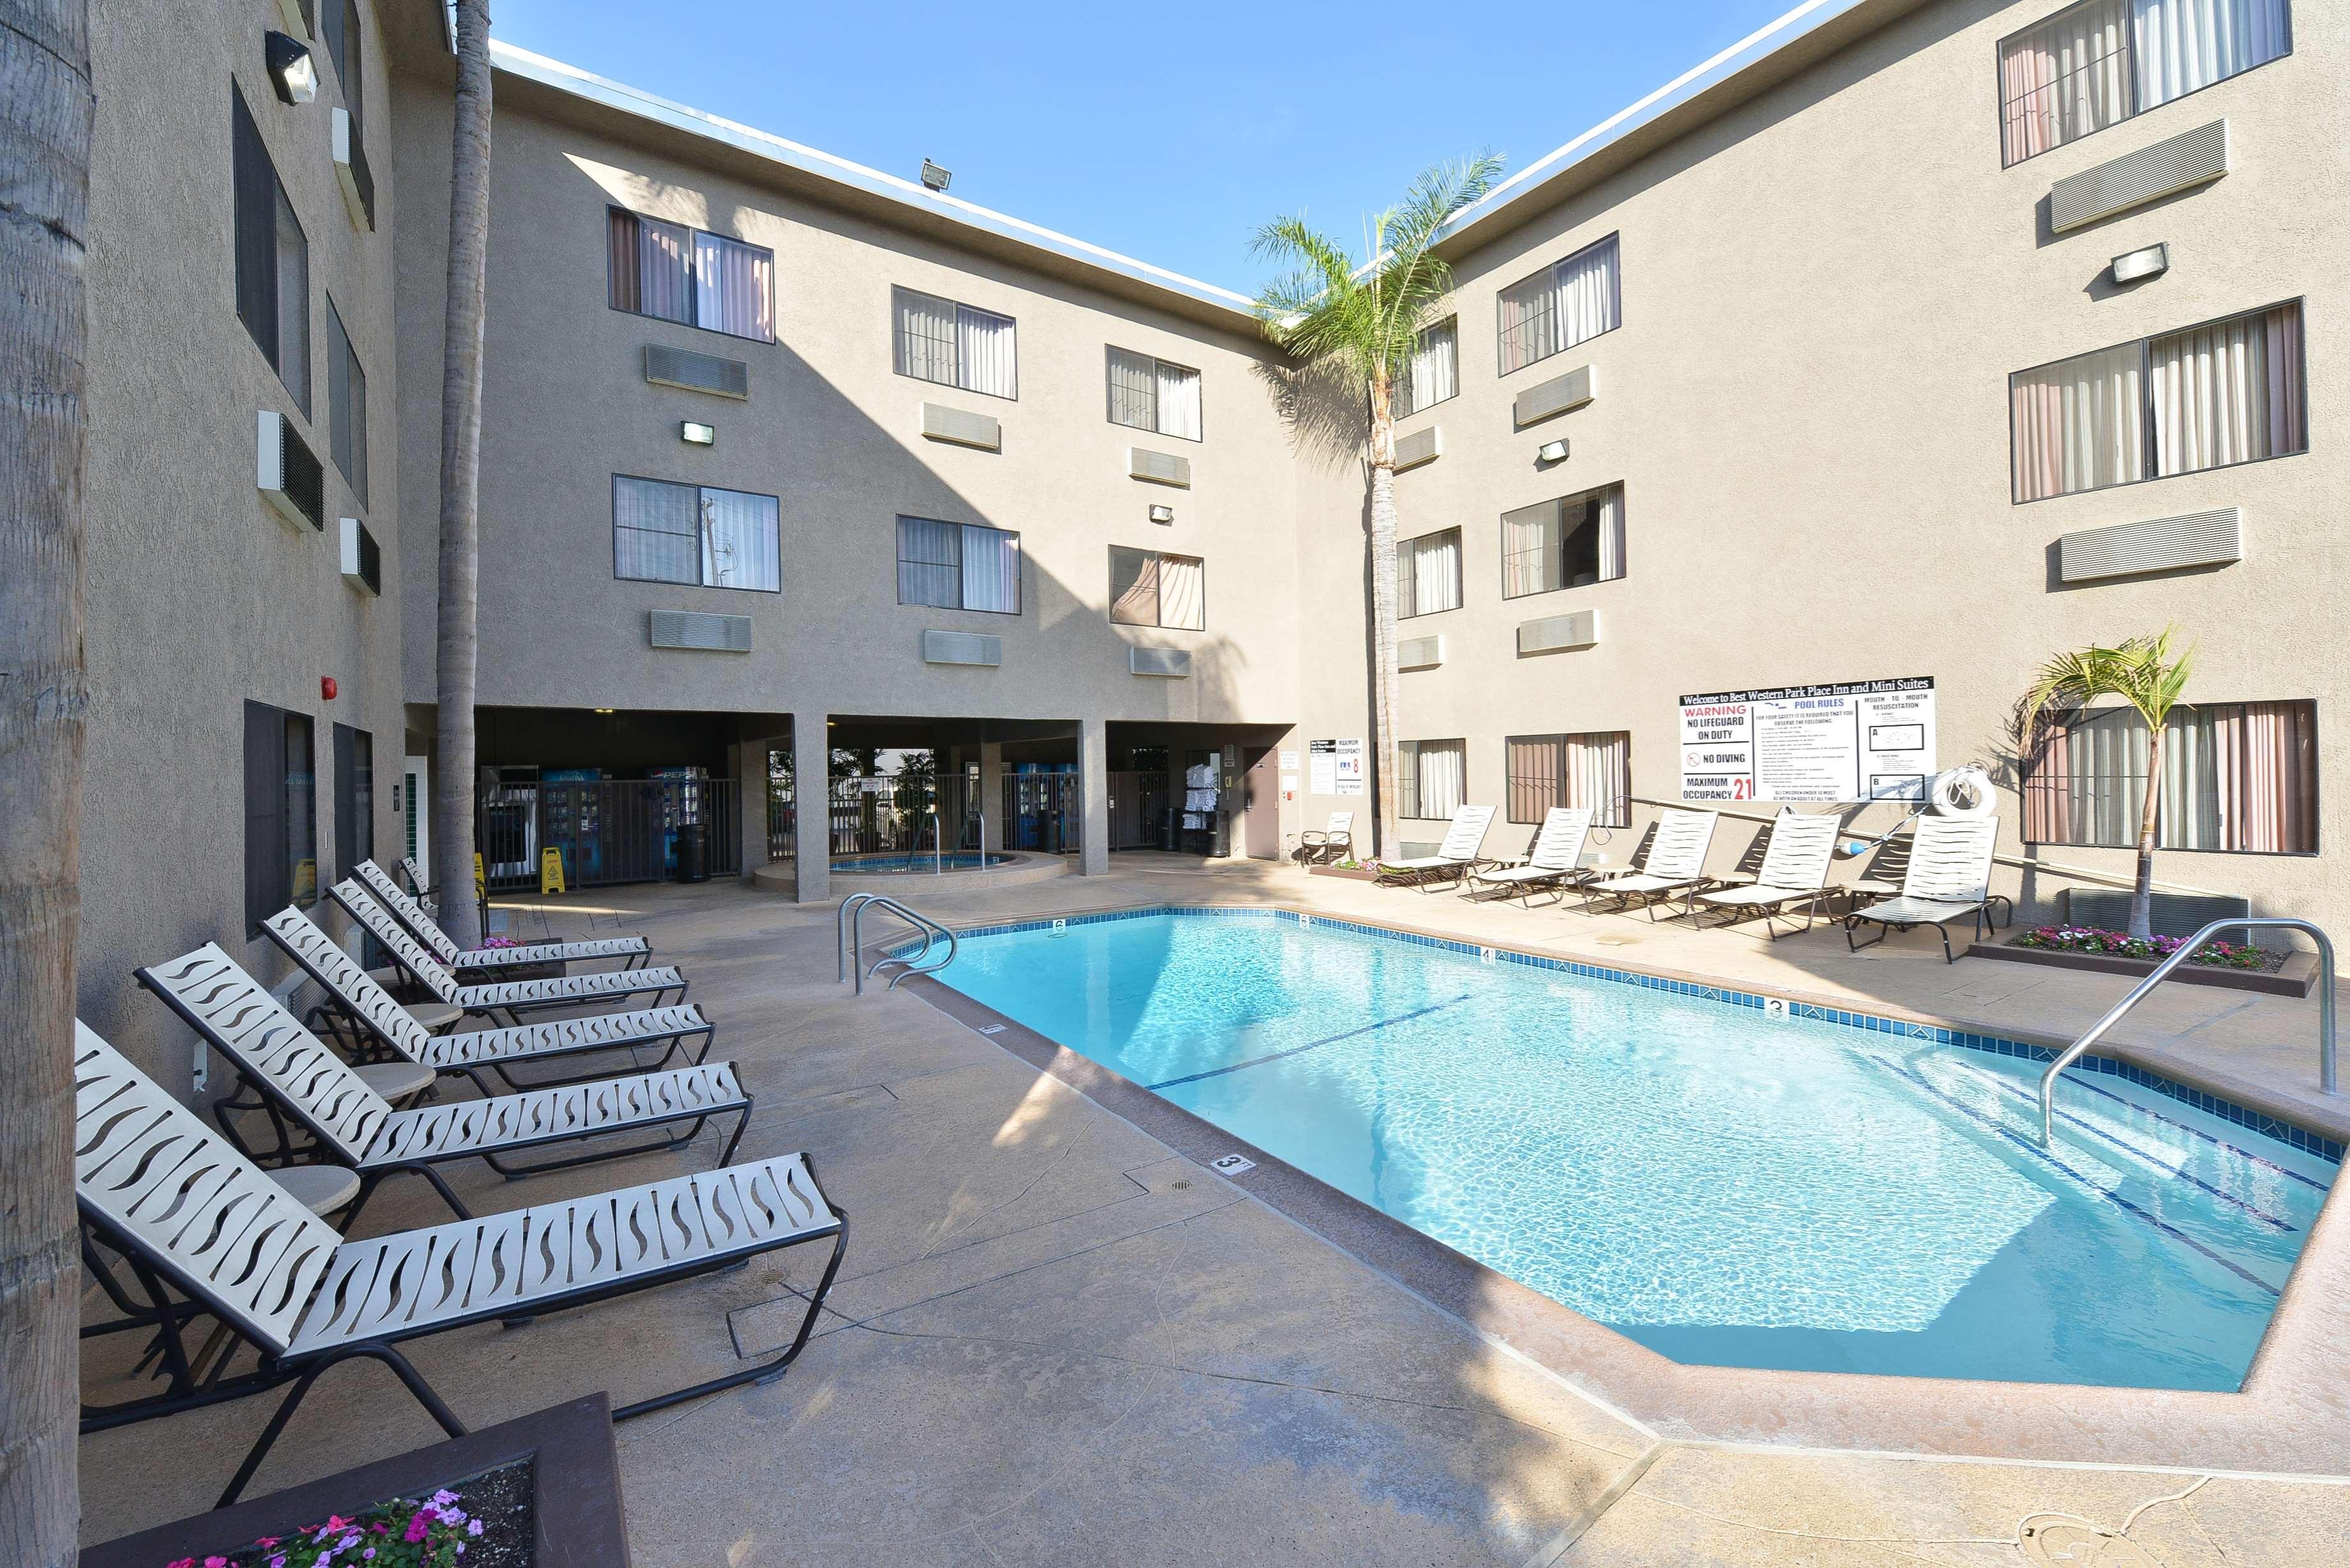 Best Western Plus Park Place Inn - Mini Suites image 7